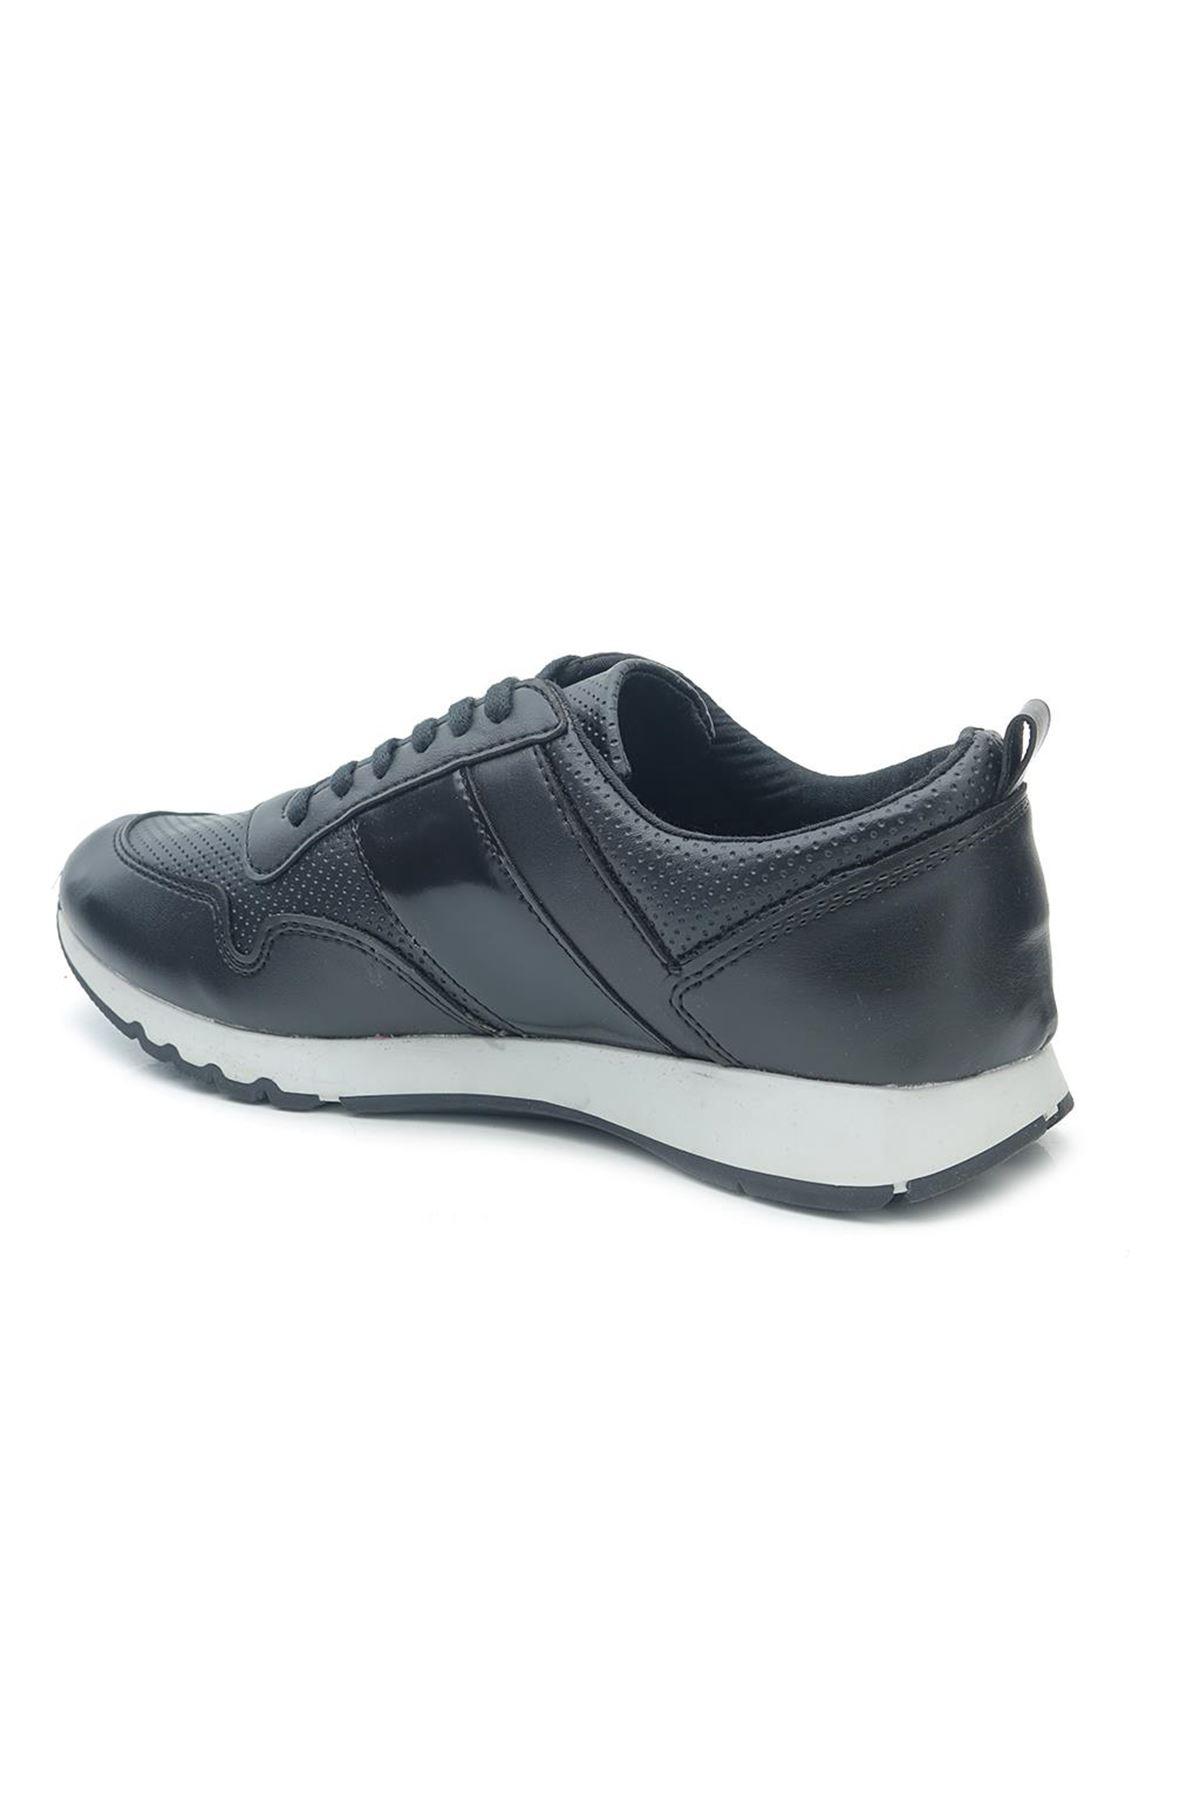 Conteyner Casual Spor Günlük Erkek Ayakkabı